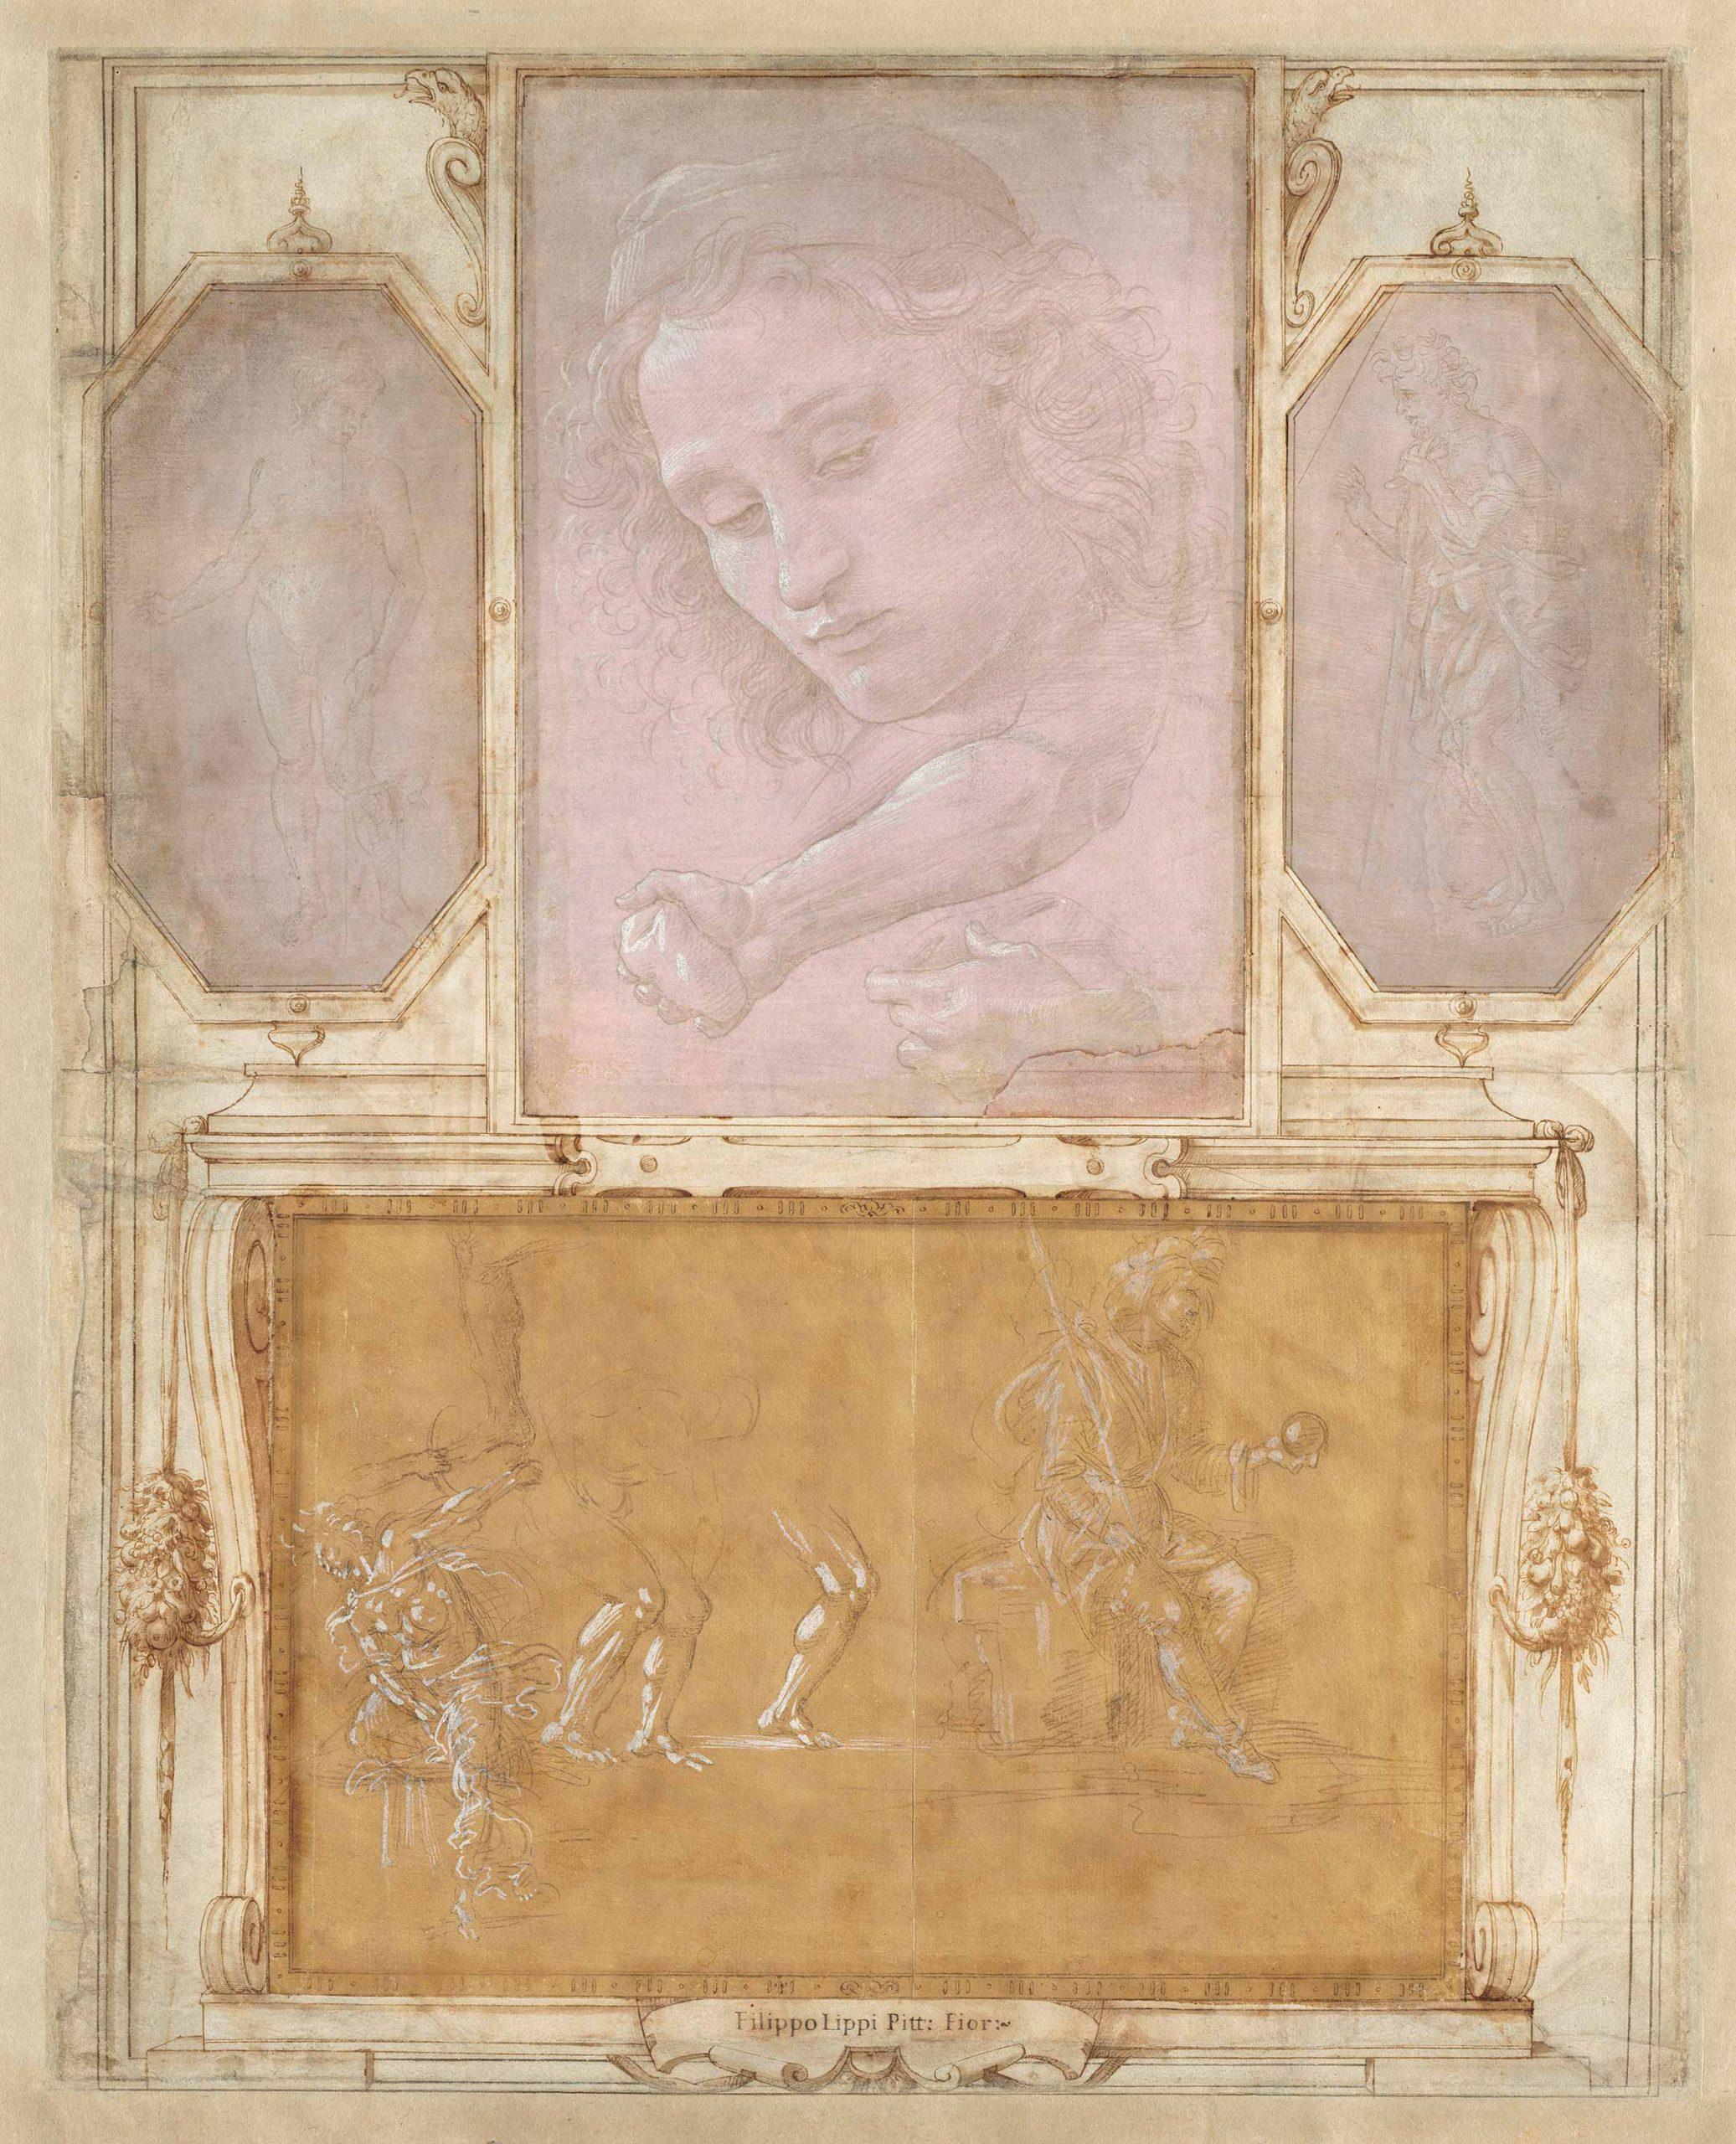 مروری بر نمایشگاه «طراحی با نقره و طلا: لئوناردو تا جاسپر جانز»[۱]  (نویسنده: لارنس شرر) (مترجم: ثنا ولدخانی)